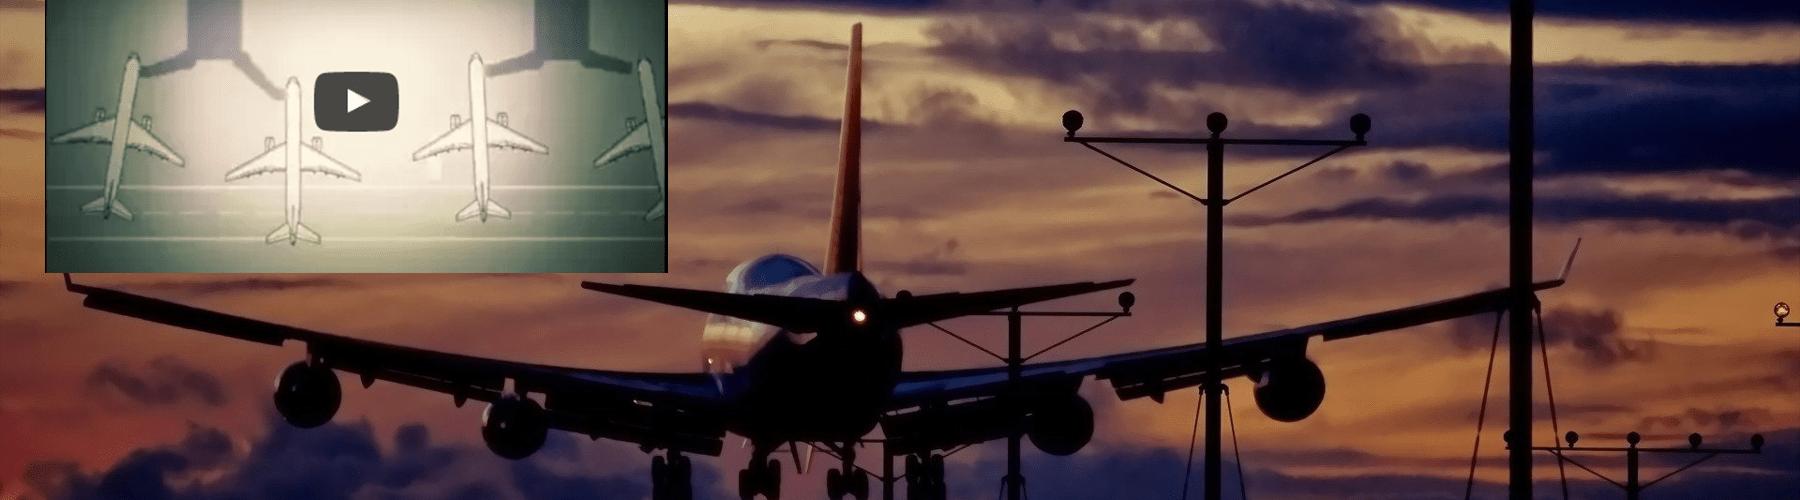 airport de